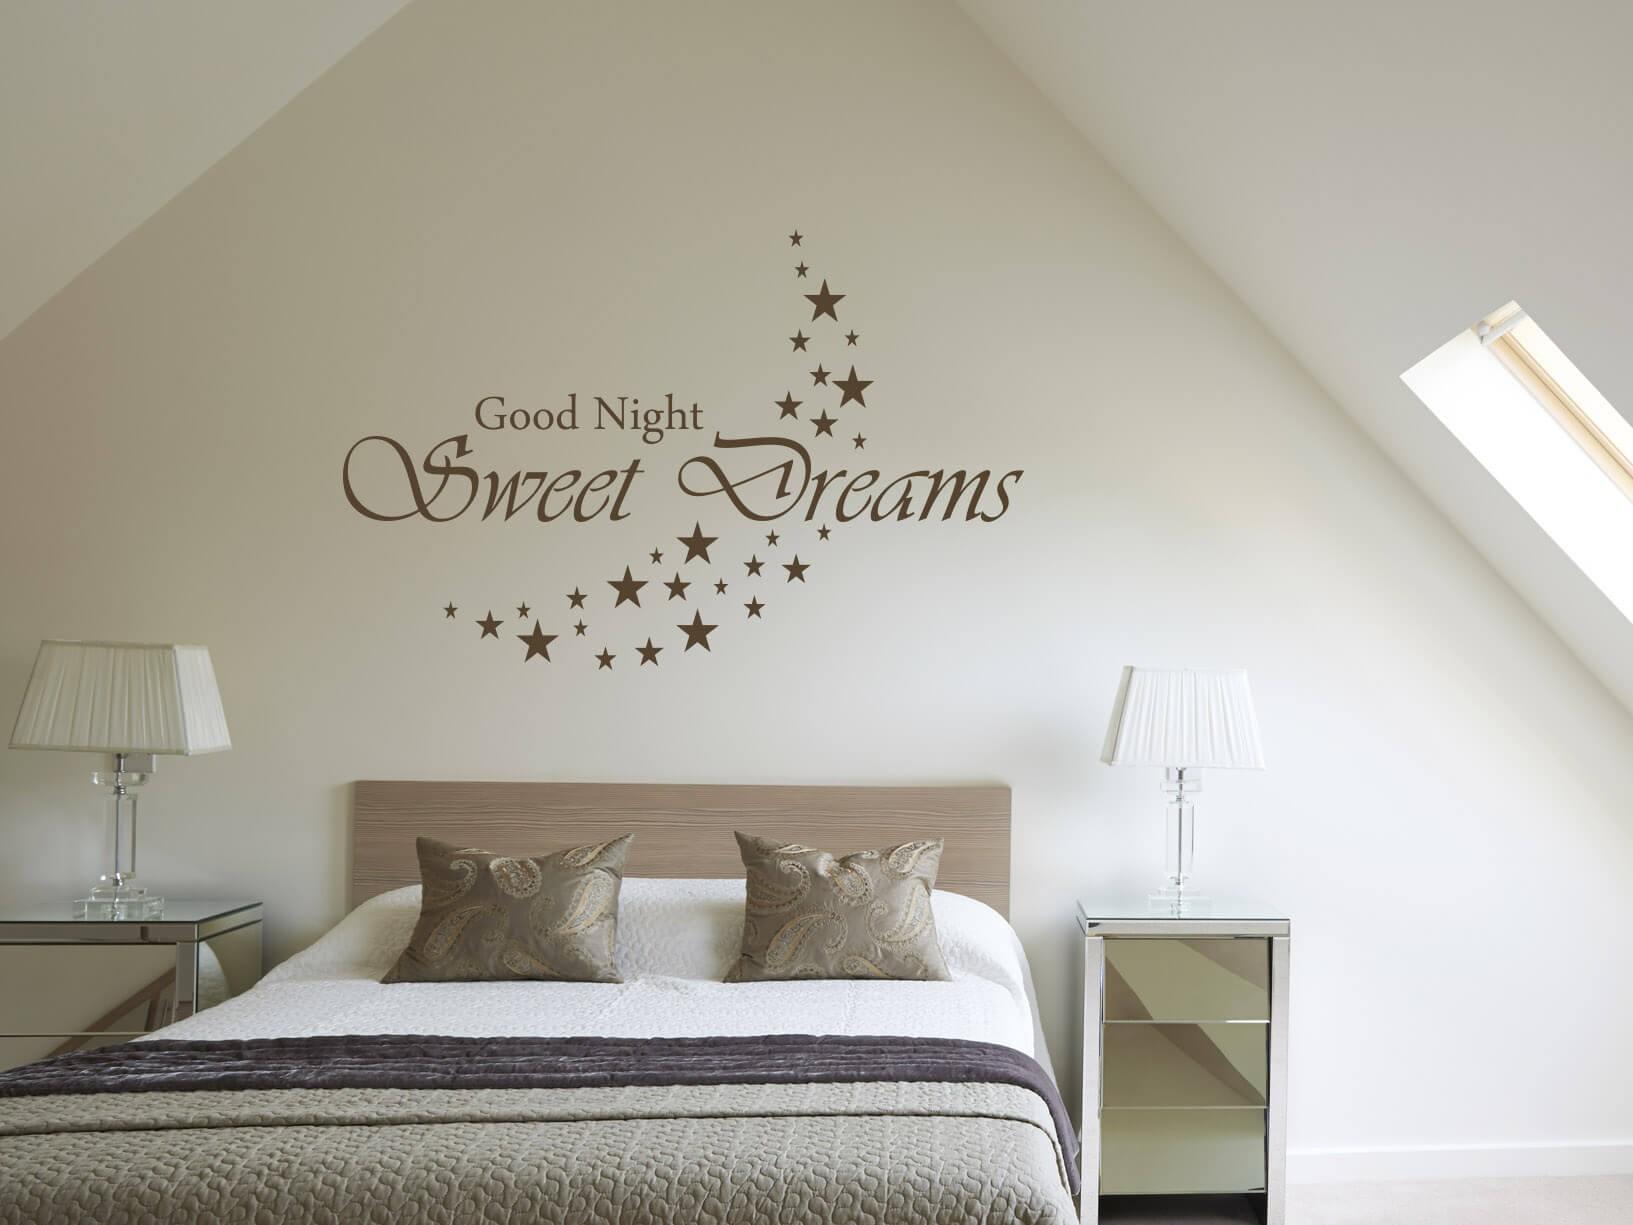 Muursticker Quotgood Night Sweet Dreamsquot Met Sterren Maan